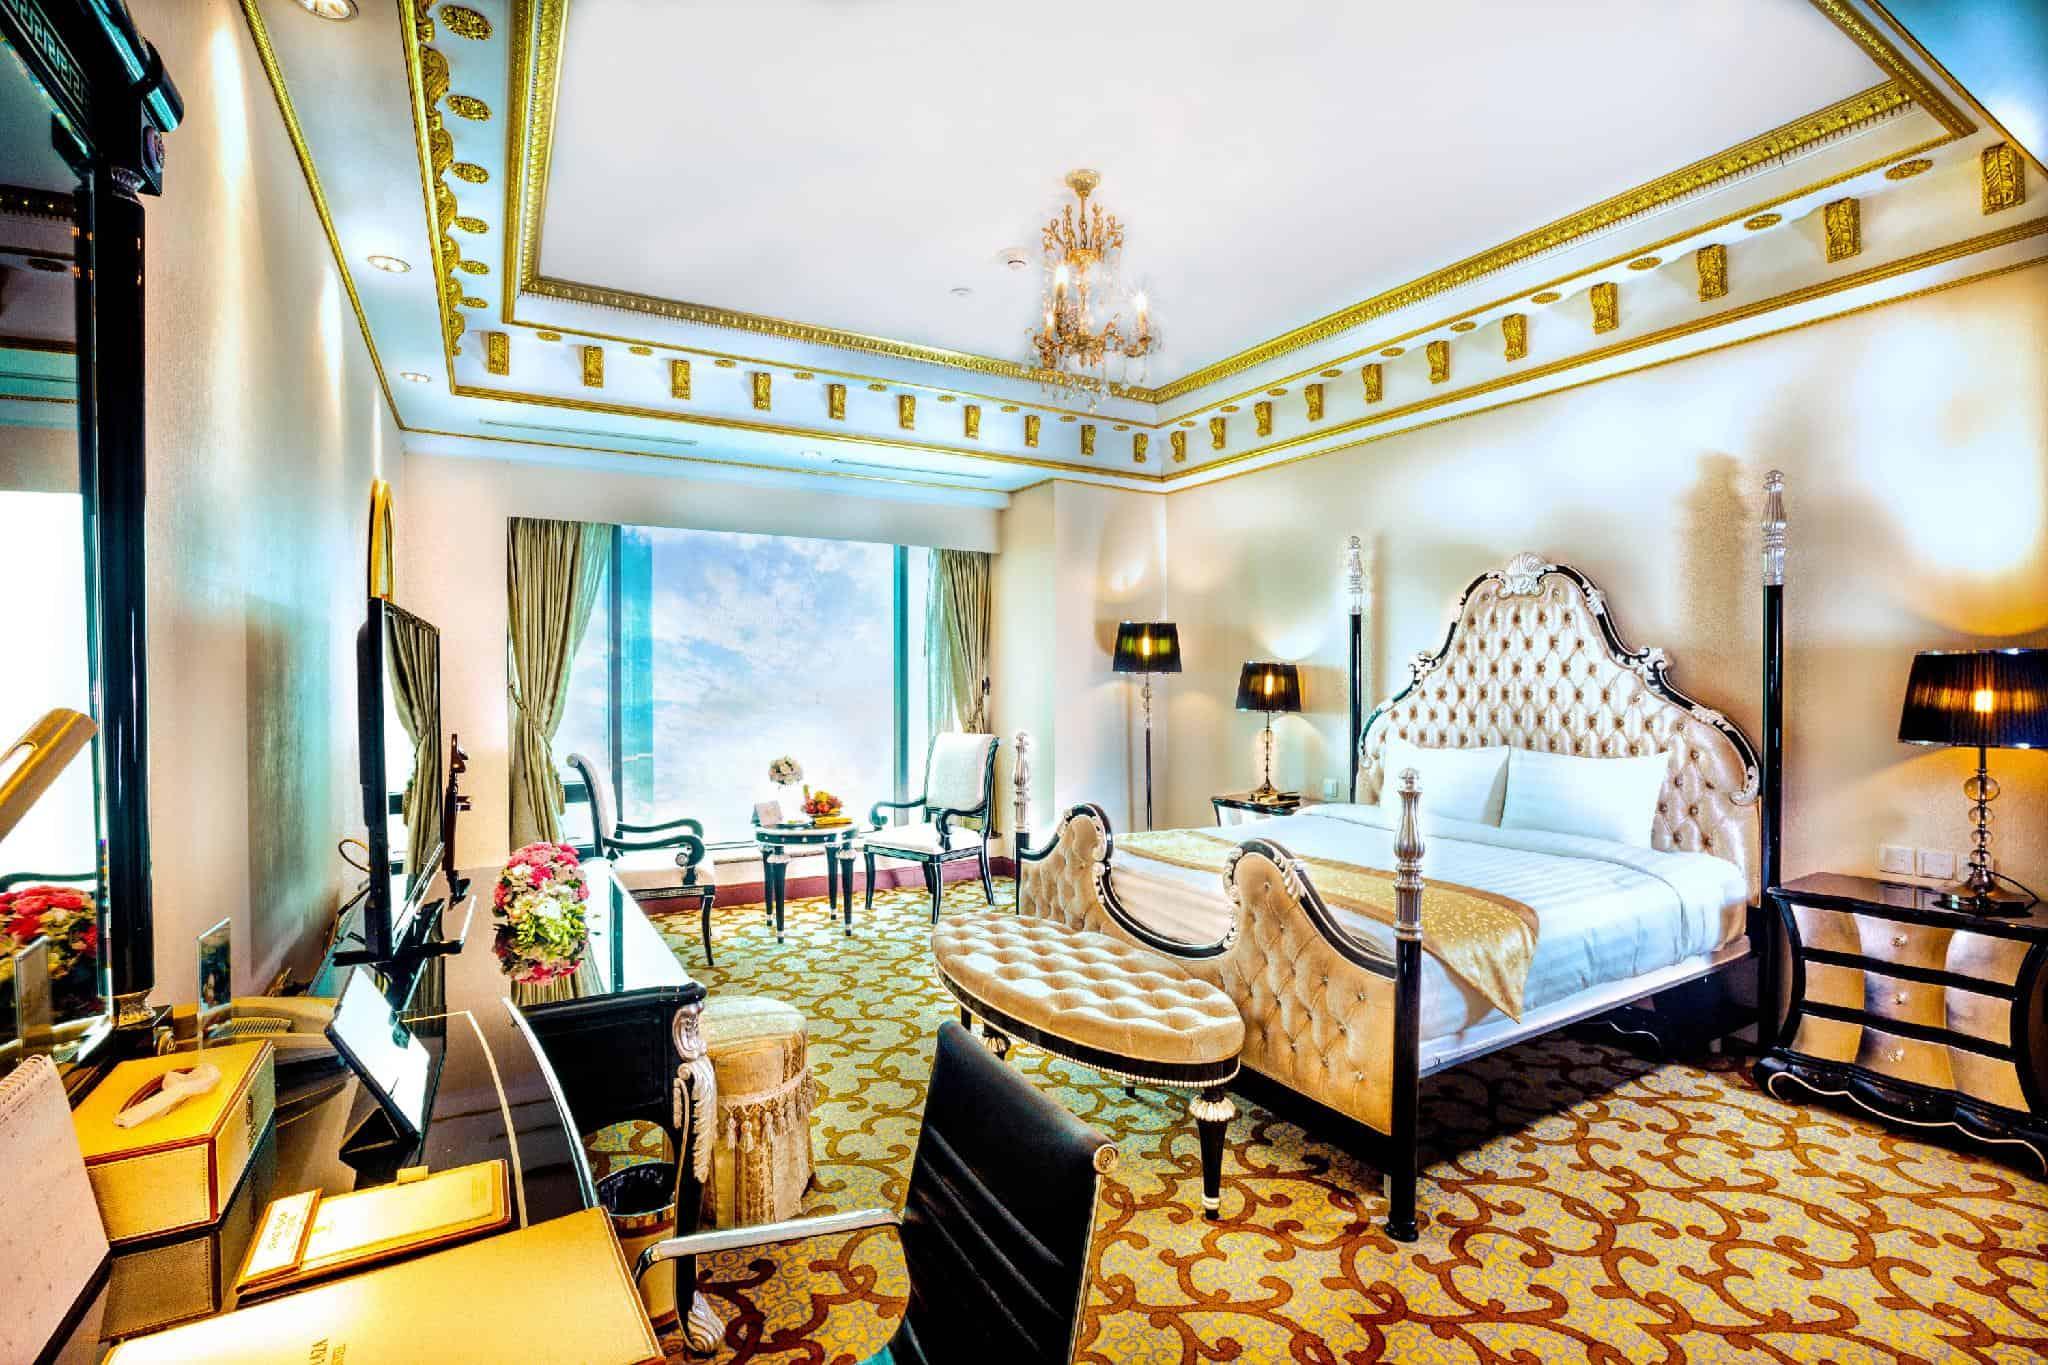 Phòng Suite Charmvit là phòng đẳng cấp bậc nhất tại Grand Plaza Hotel - Nguồn ảnh: Internet